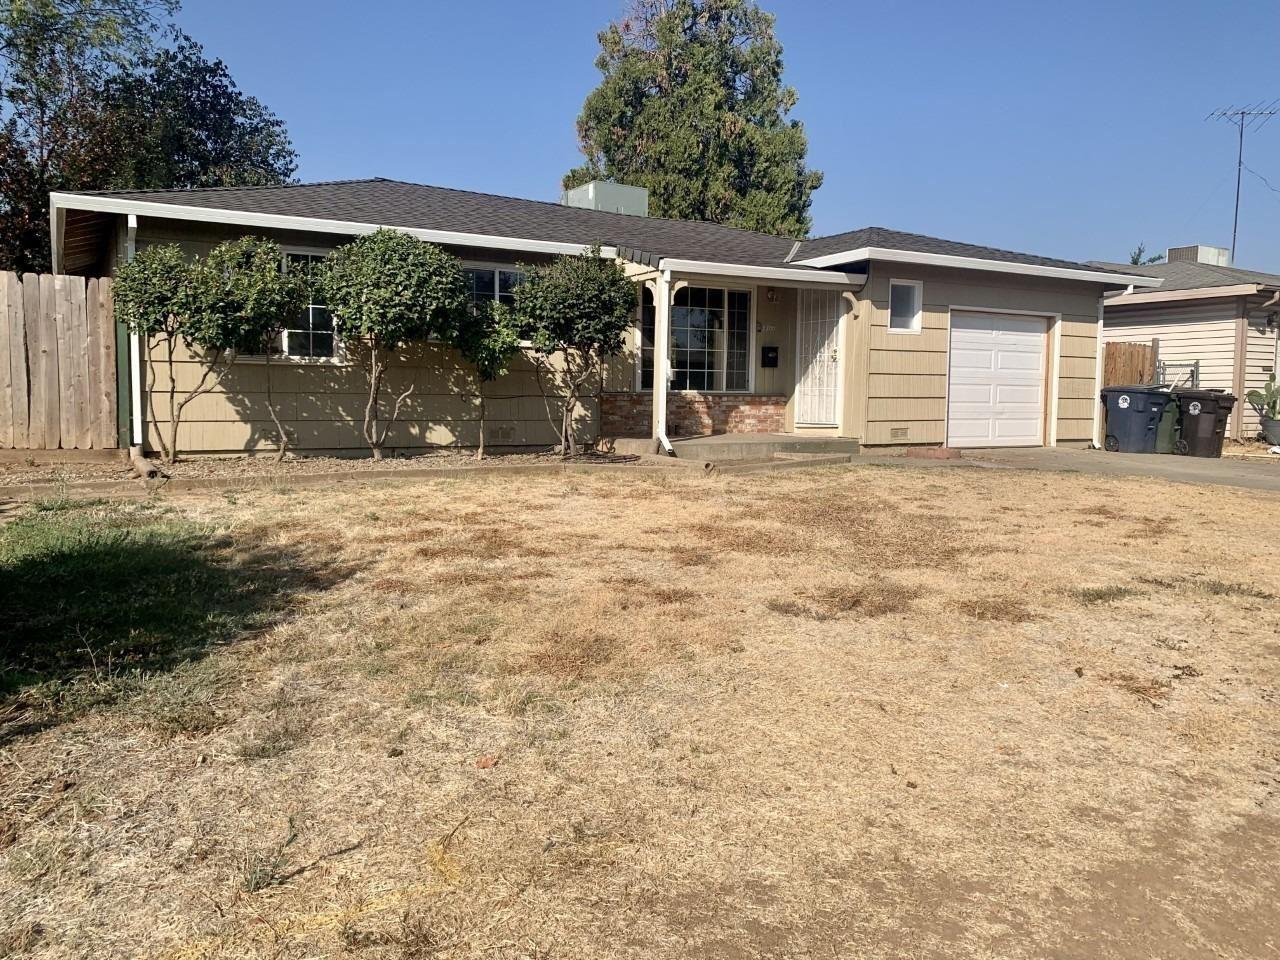 2700 Ribier Way, Rancho Cordova, CA 95670 - MLS#: 221110828